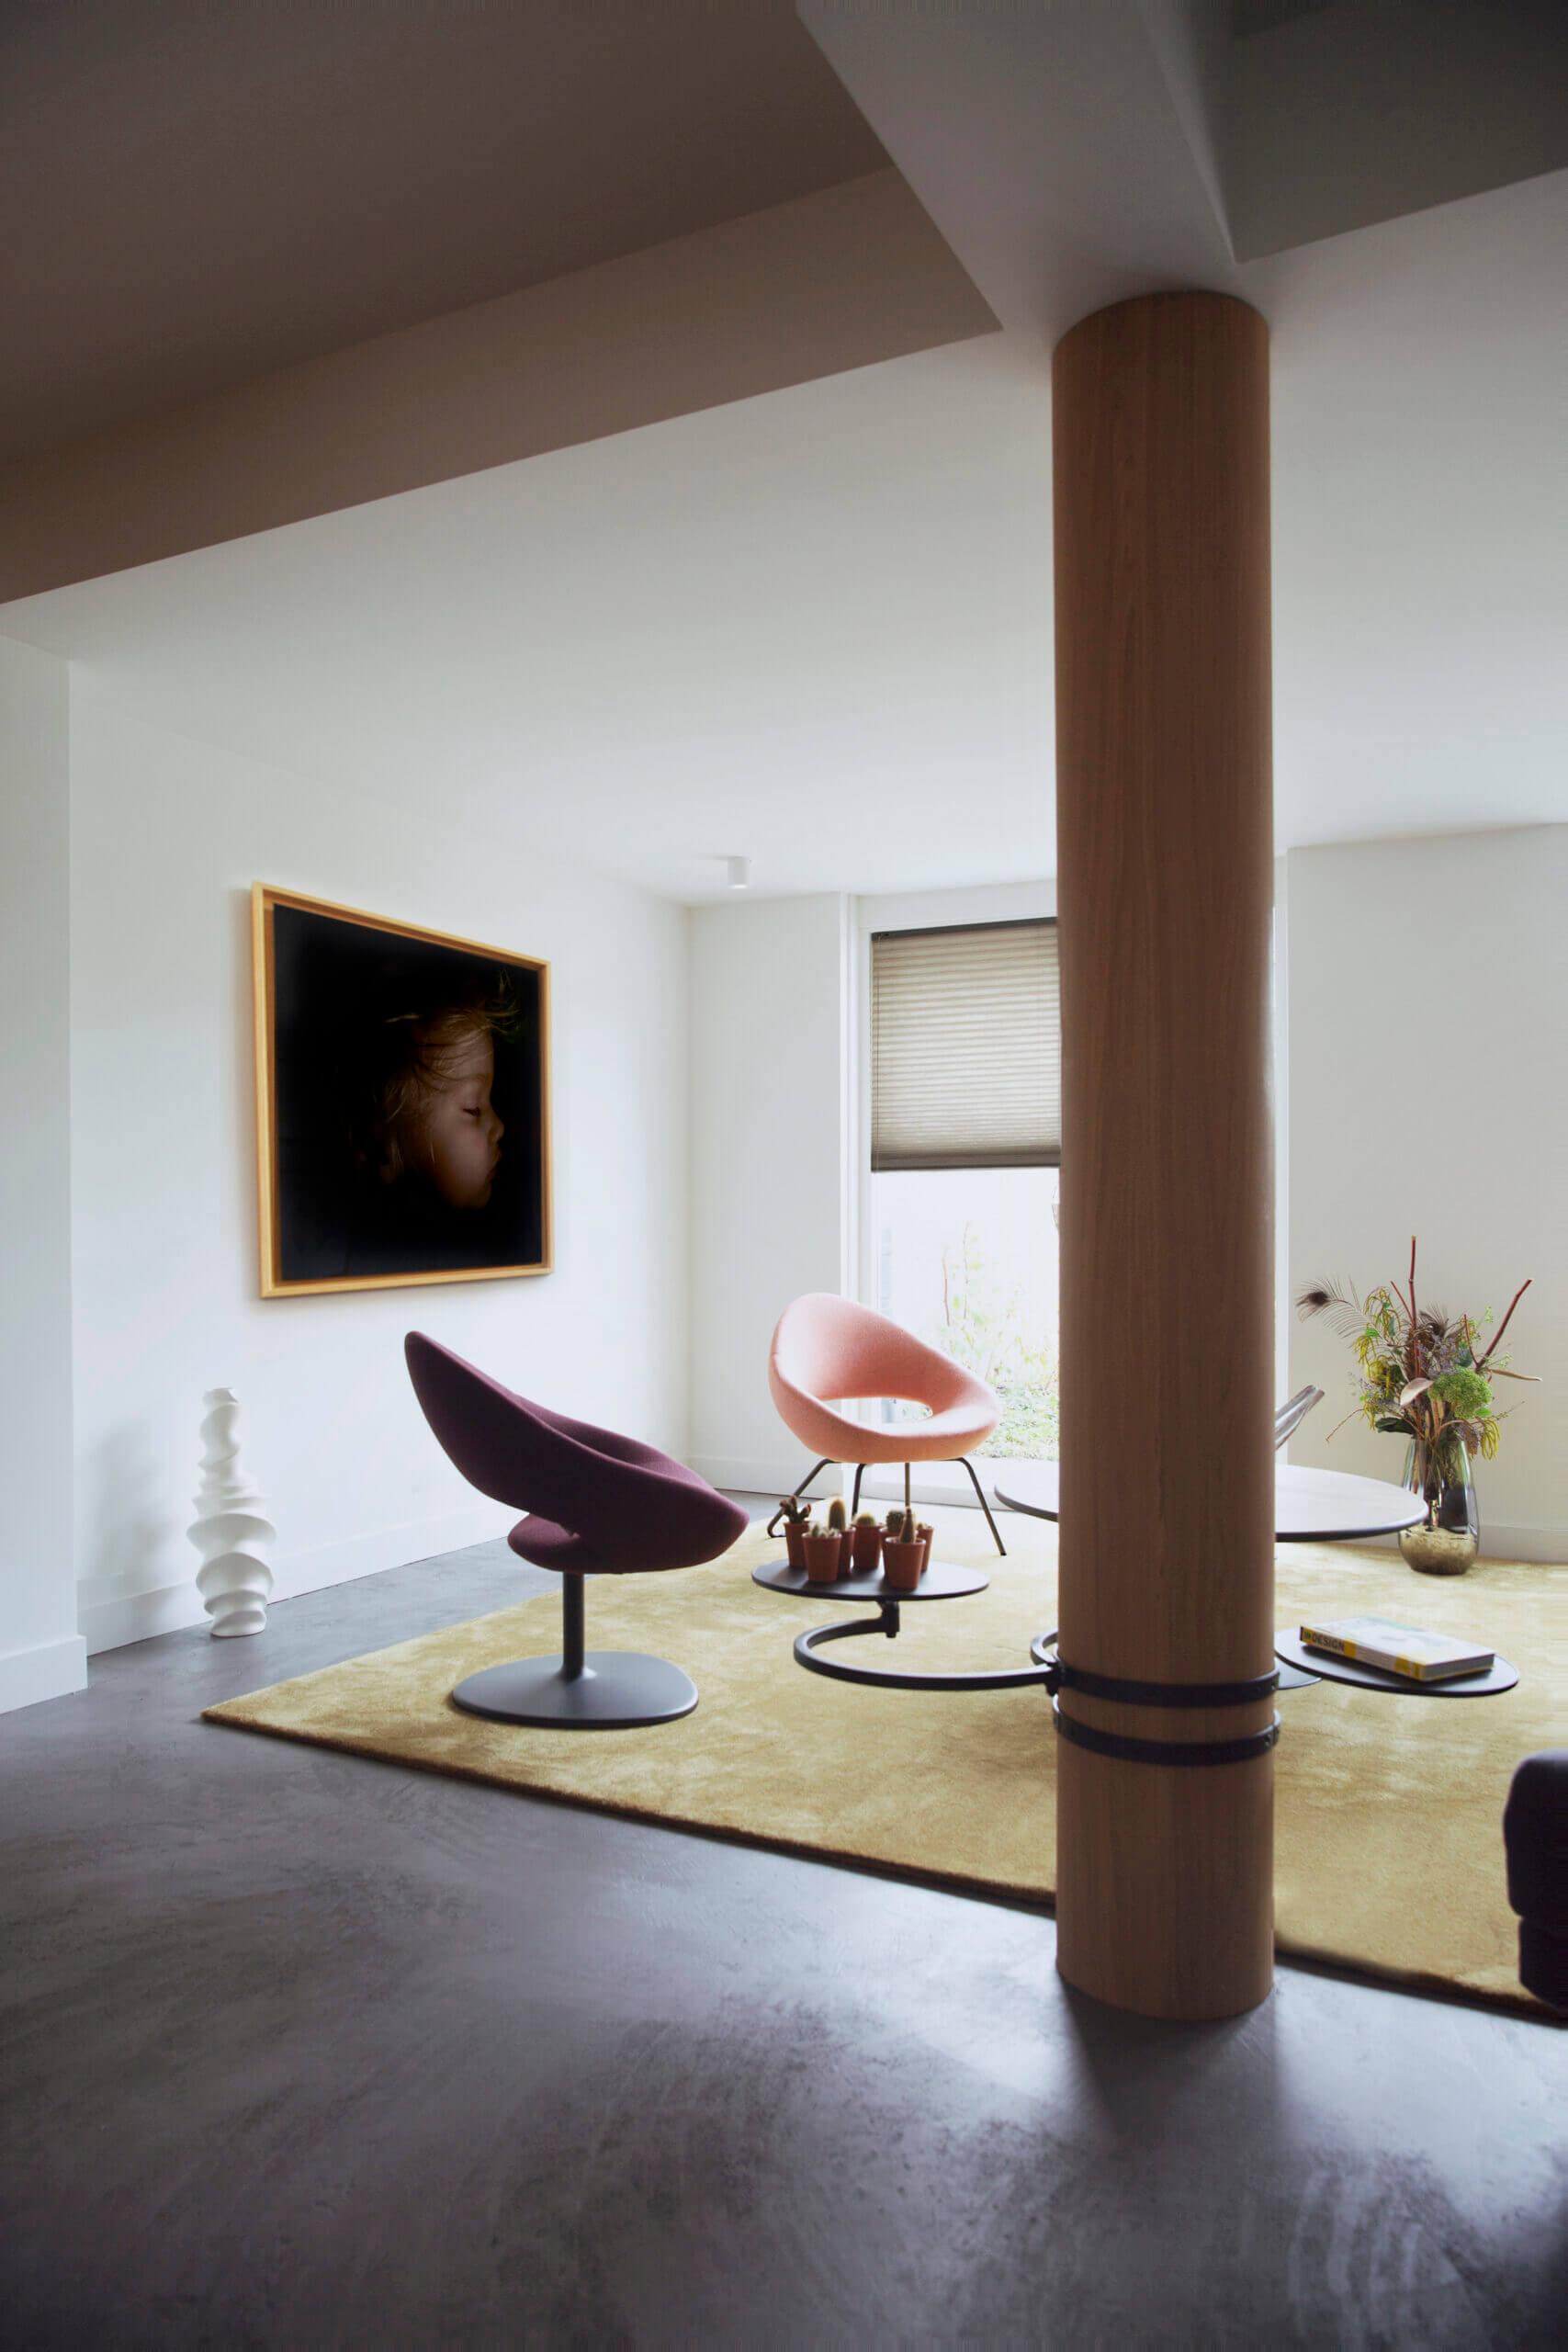 interieurdesigner amsterdam